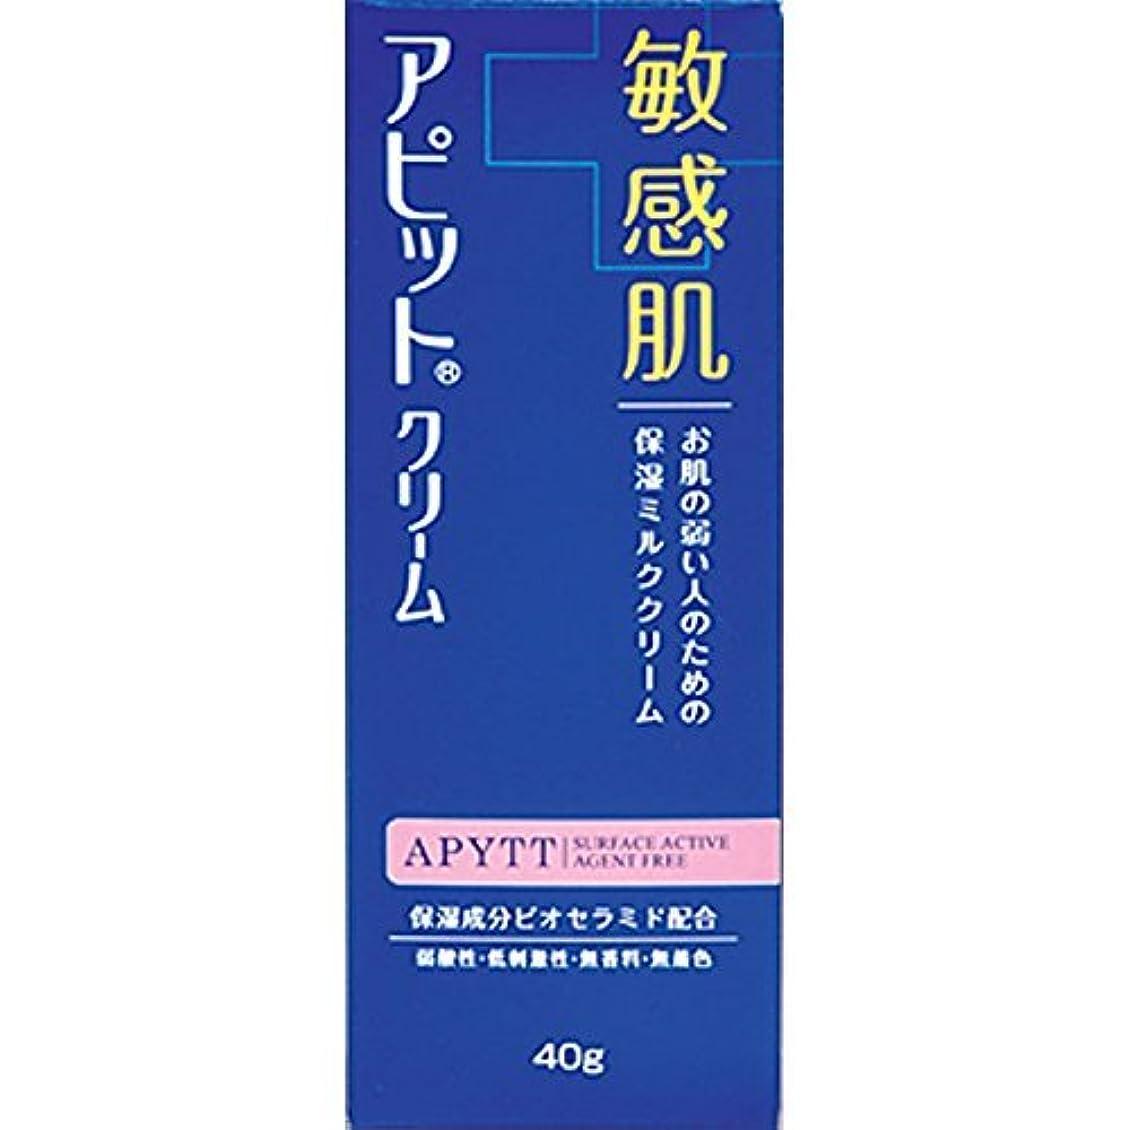 生き残り平等痛み全薬工業 アピットクリーム 40g (医薬部外品)